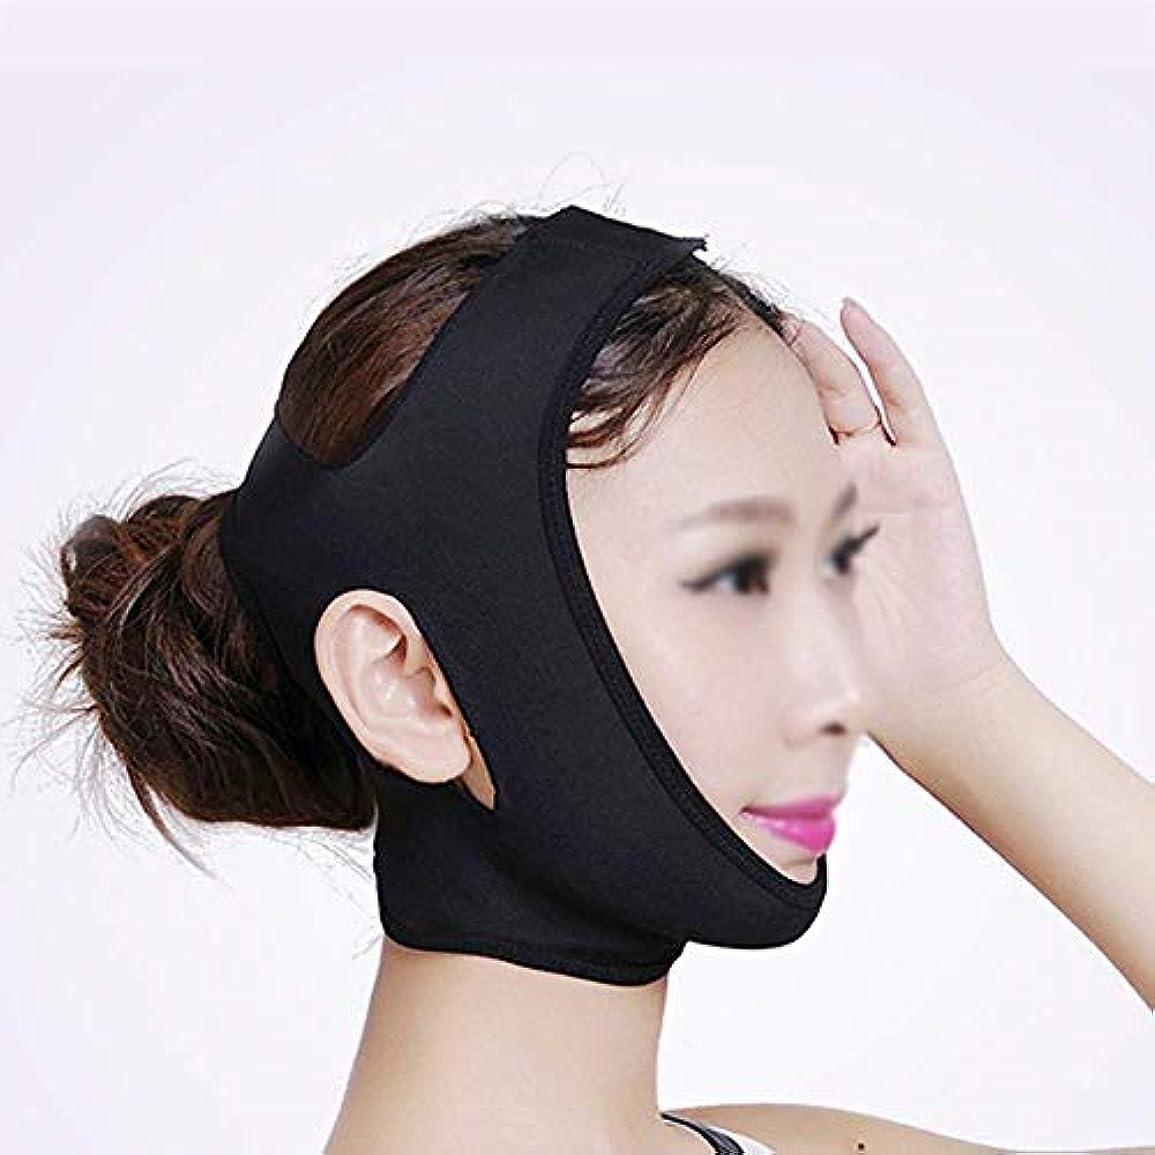 フェイシャル減量マスクリフティングフェイス、フェイスマスク、減量包帯を除去するためのダブルチン、フェイシャルリフティング包帯、ダブルチンを減らすためのリフティングベルト(カラー:ブラック、サイズ:M),黒、S